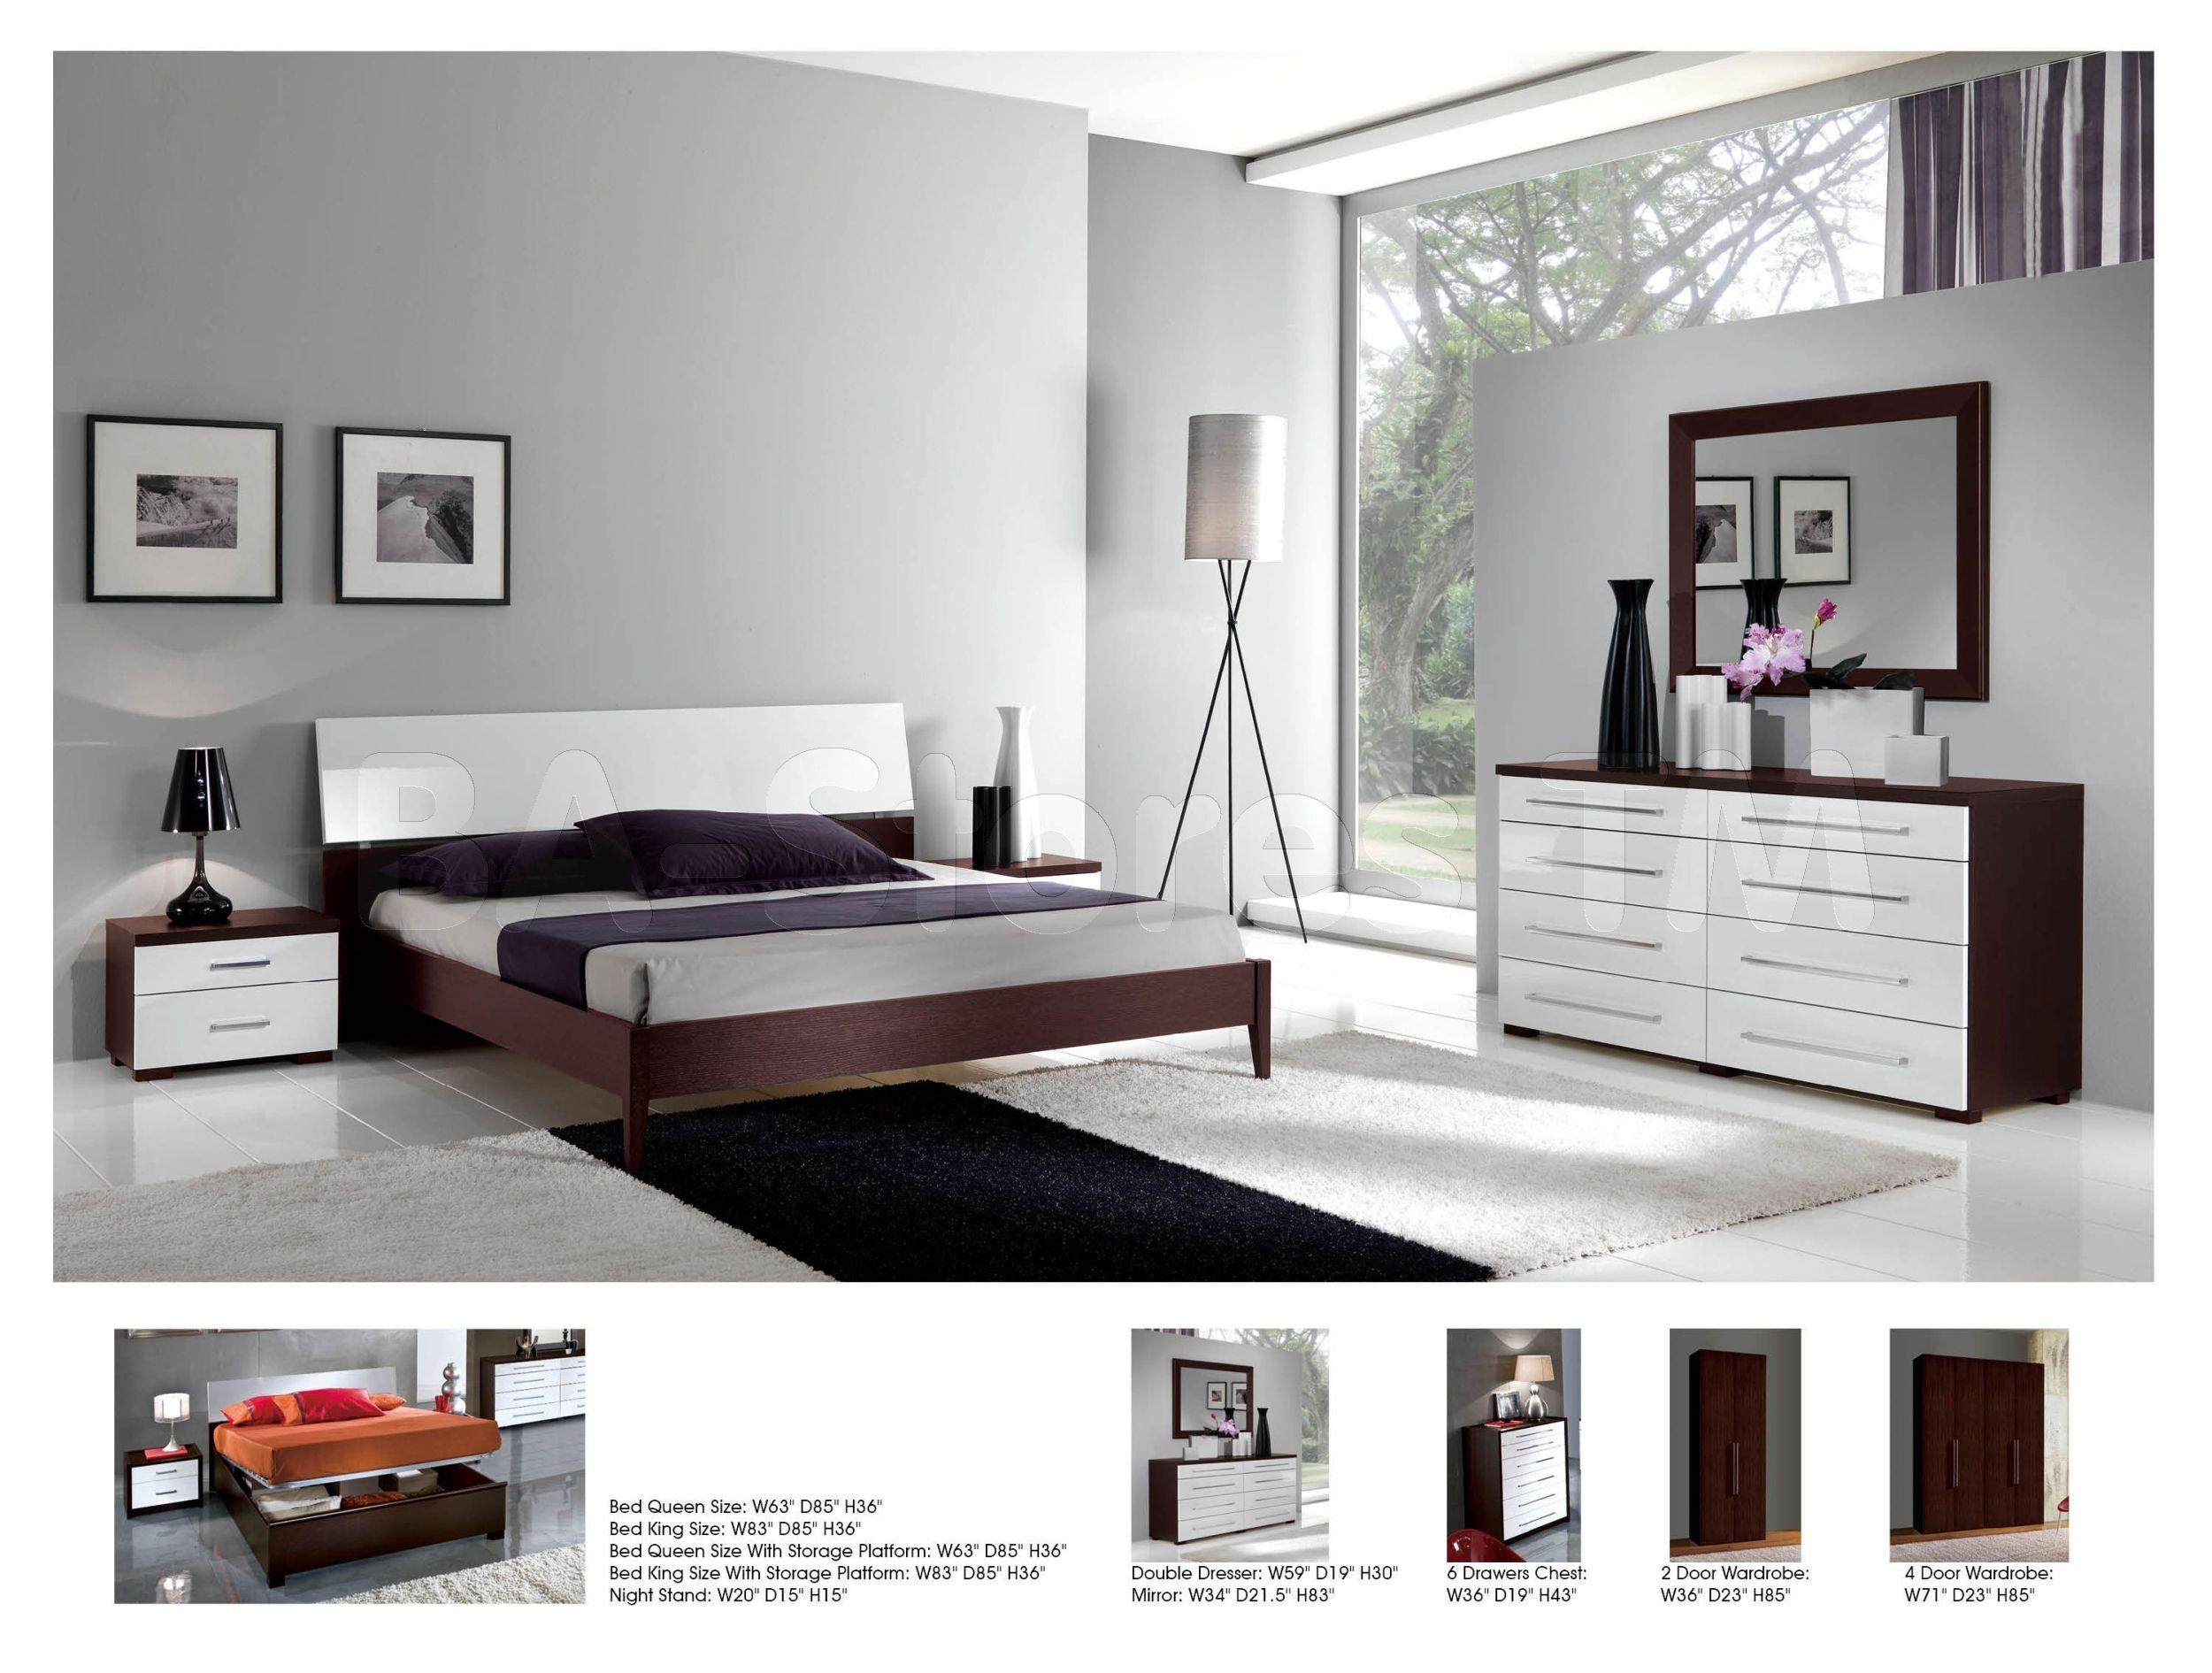 Luxury bedroom set by esf bedroom sets by esf pinterest luxury